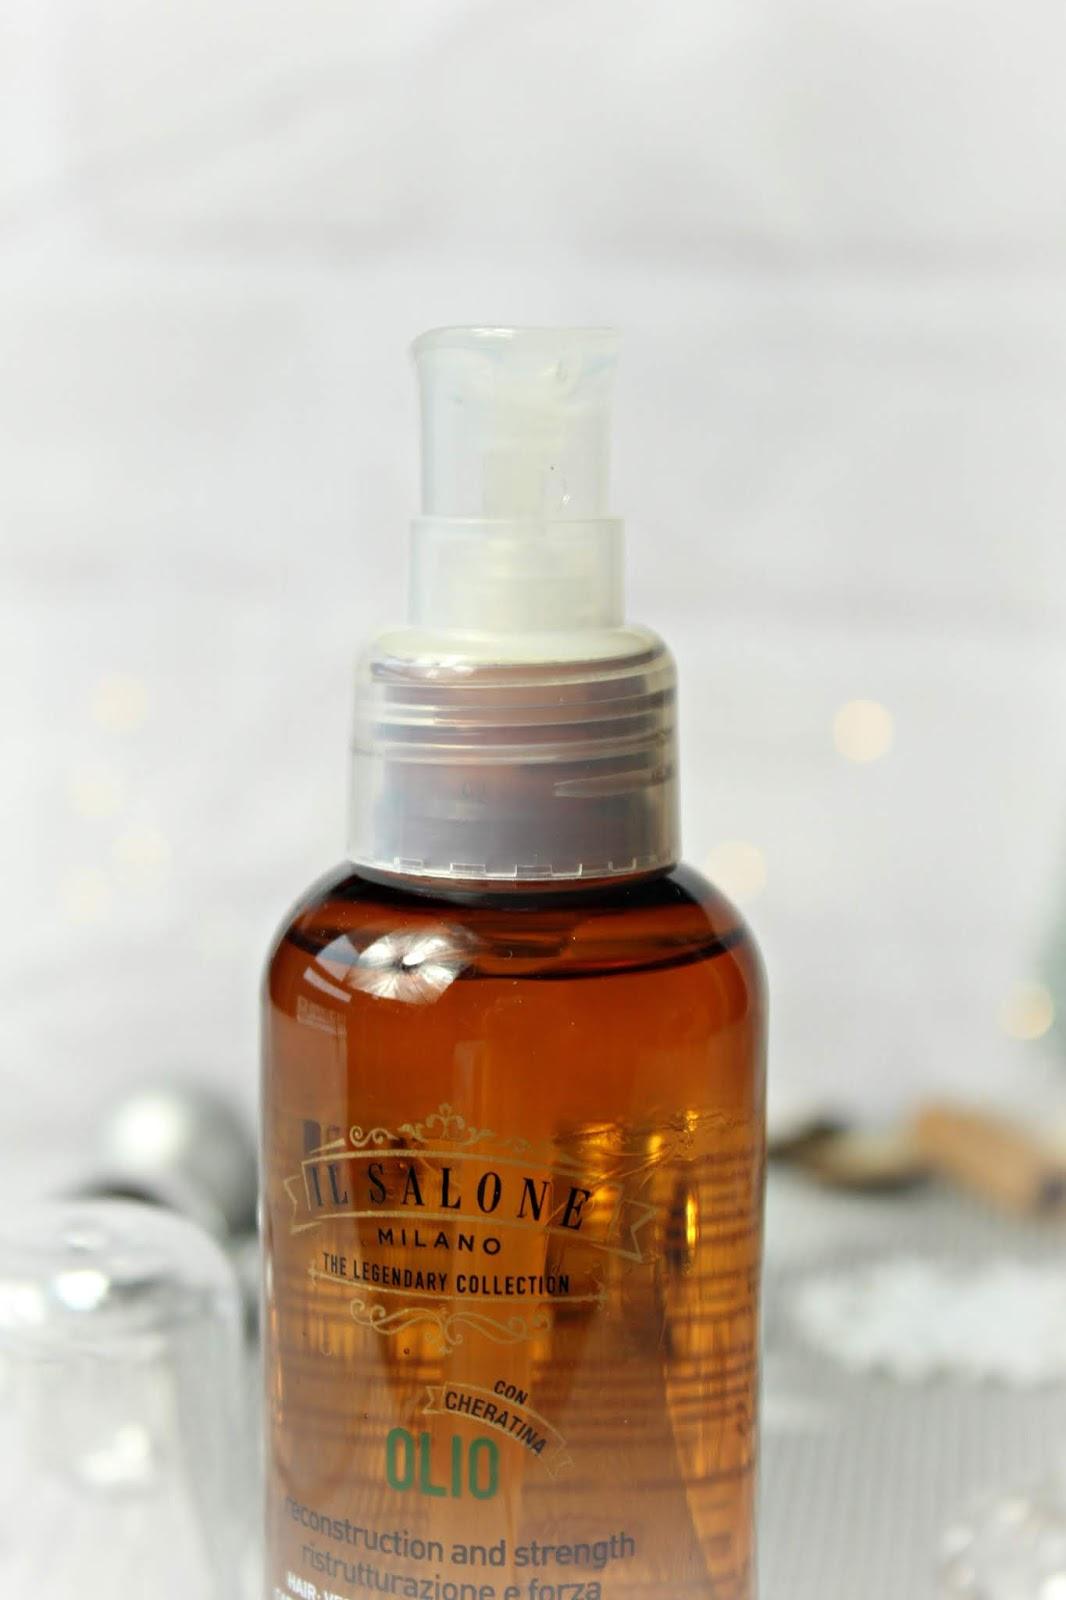 Il Salone Milano – Regenerujący olejek do włosów Con Cheratina